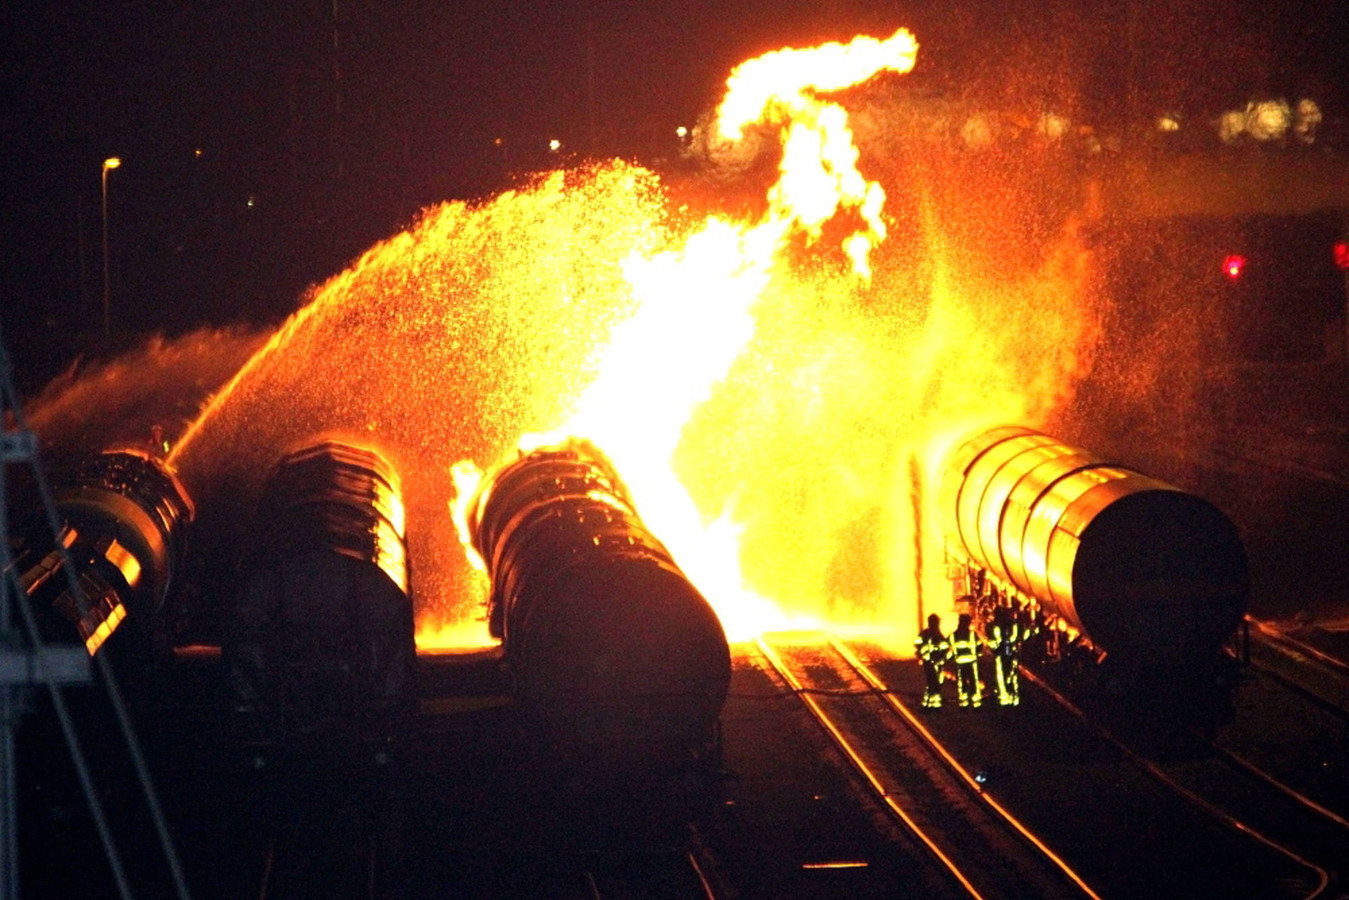 Als het fout gaat op Kijfhoek, kan het goed fout gaan. In 2011 had de brandweer een nacht lang werk aan een brand in een tankwagon met ethanol.